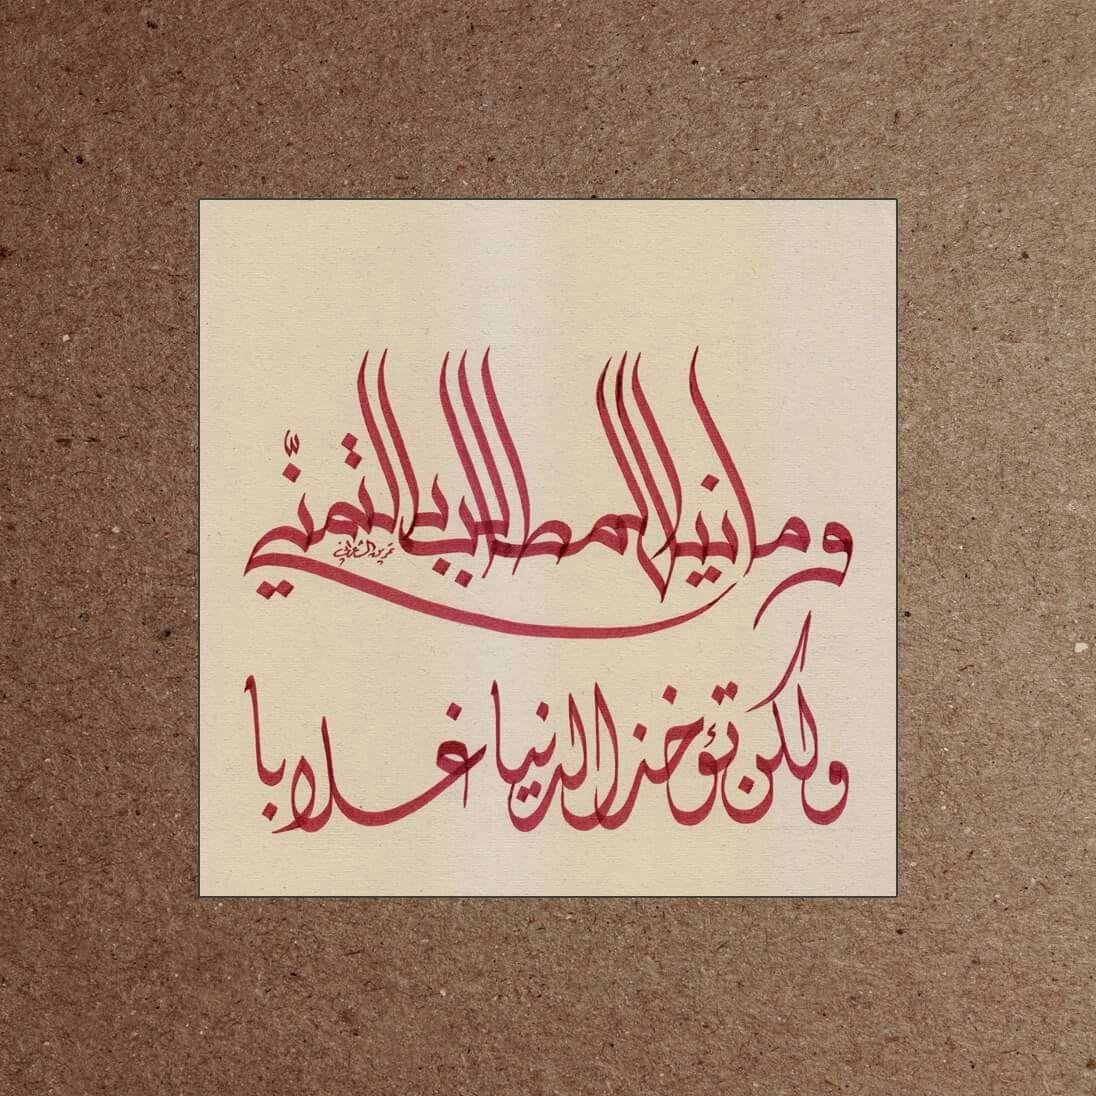 وما نيل المطالب بالتمني ولكن تؤخذ الدنيا غلابا Iphone Wallpaper Wallpaper Arabic Calligraphy